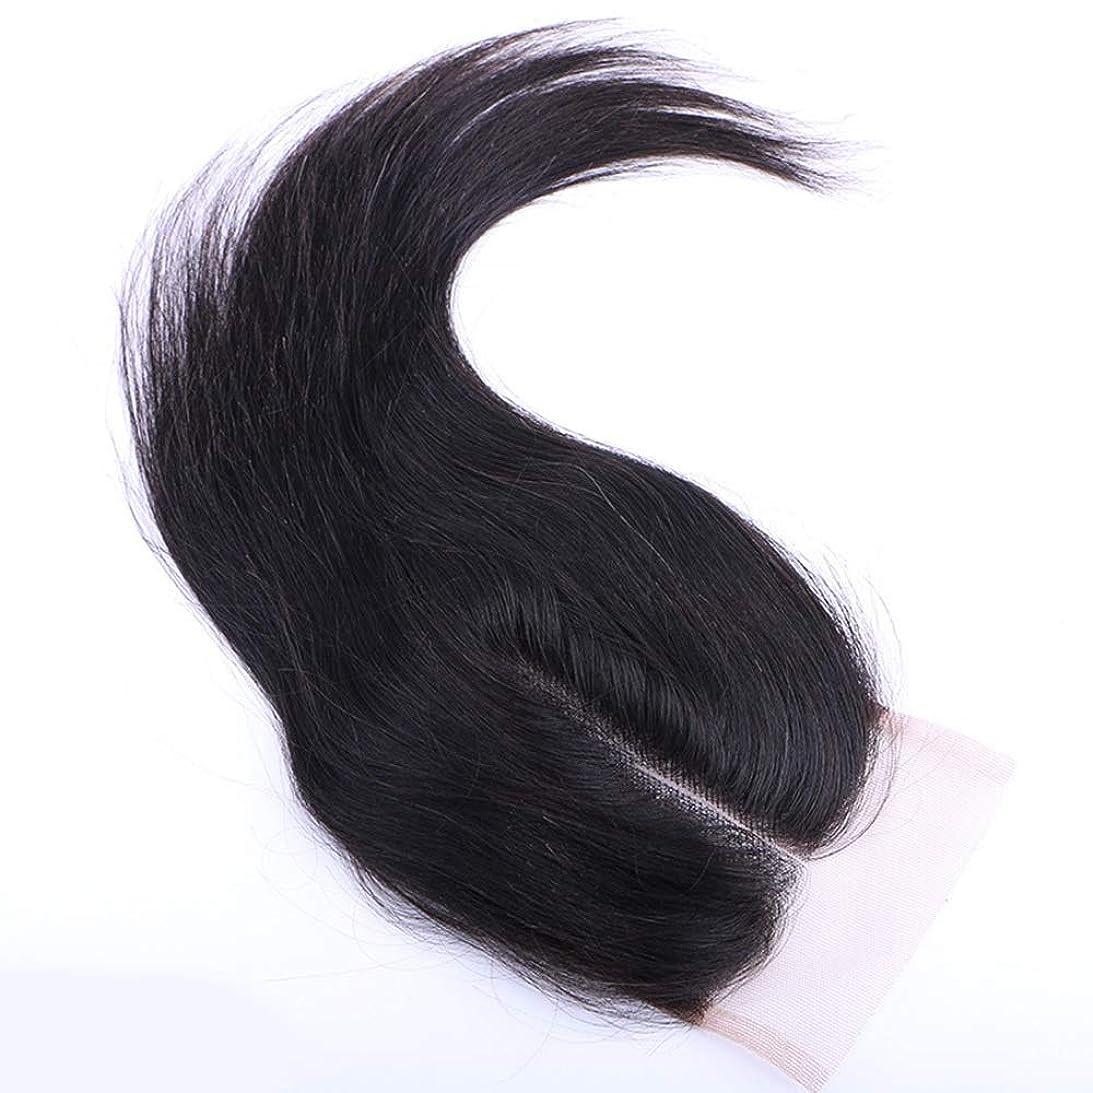 圧縮毎年精査BOBIDYEE 自由な部分レース閉鎖4 * 4インチ未処理の100%髪織りエクステンションナチュラルカラー女性複合かつらレースかつらロールプレイングかつら付き人毛バンドル (色 : 黒, サイズ : 12 inch)